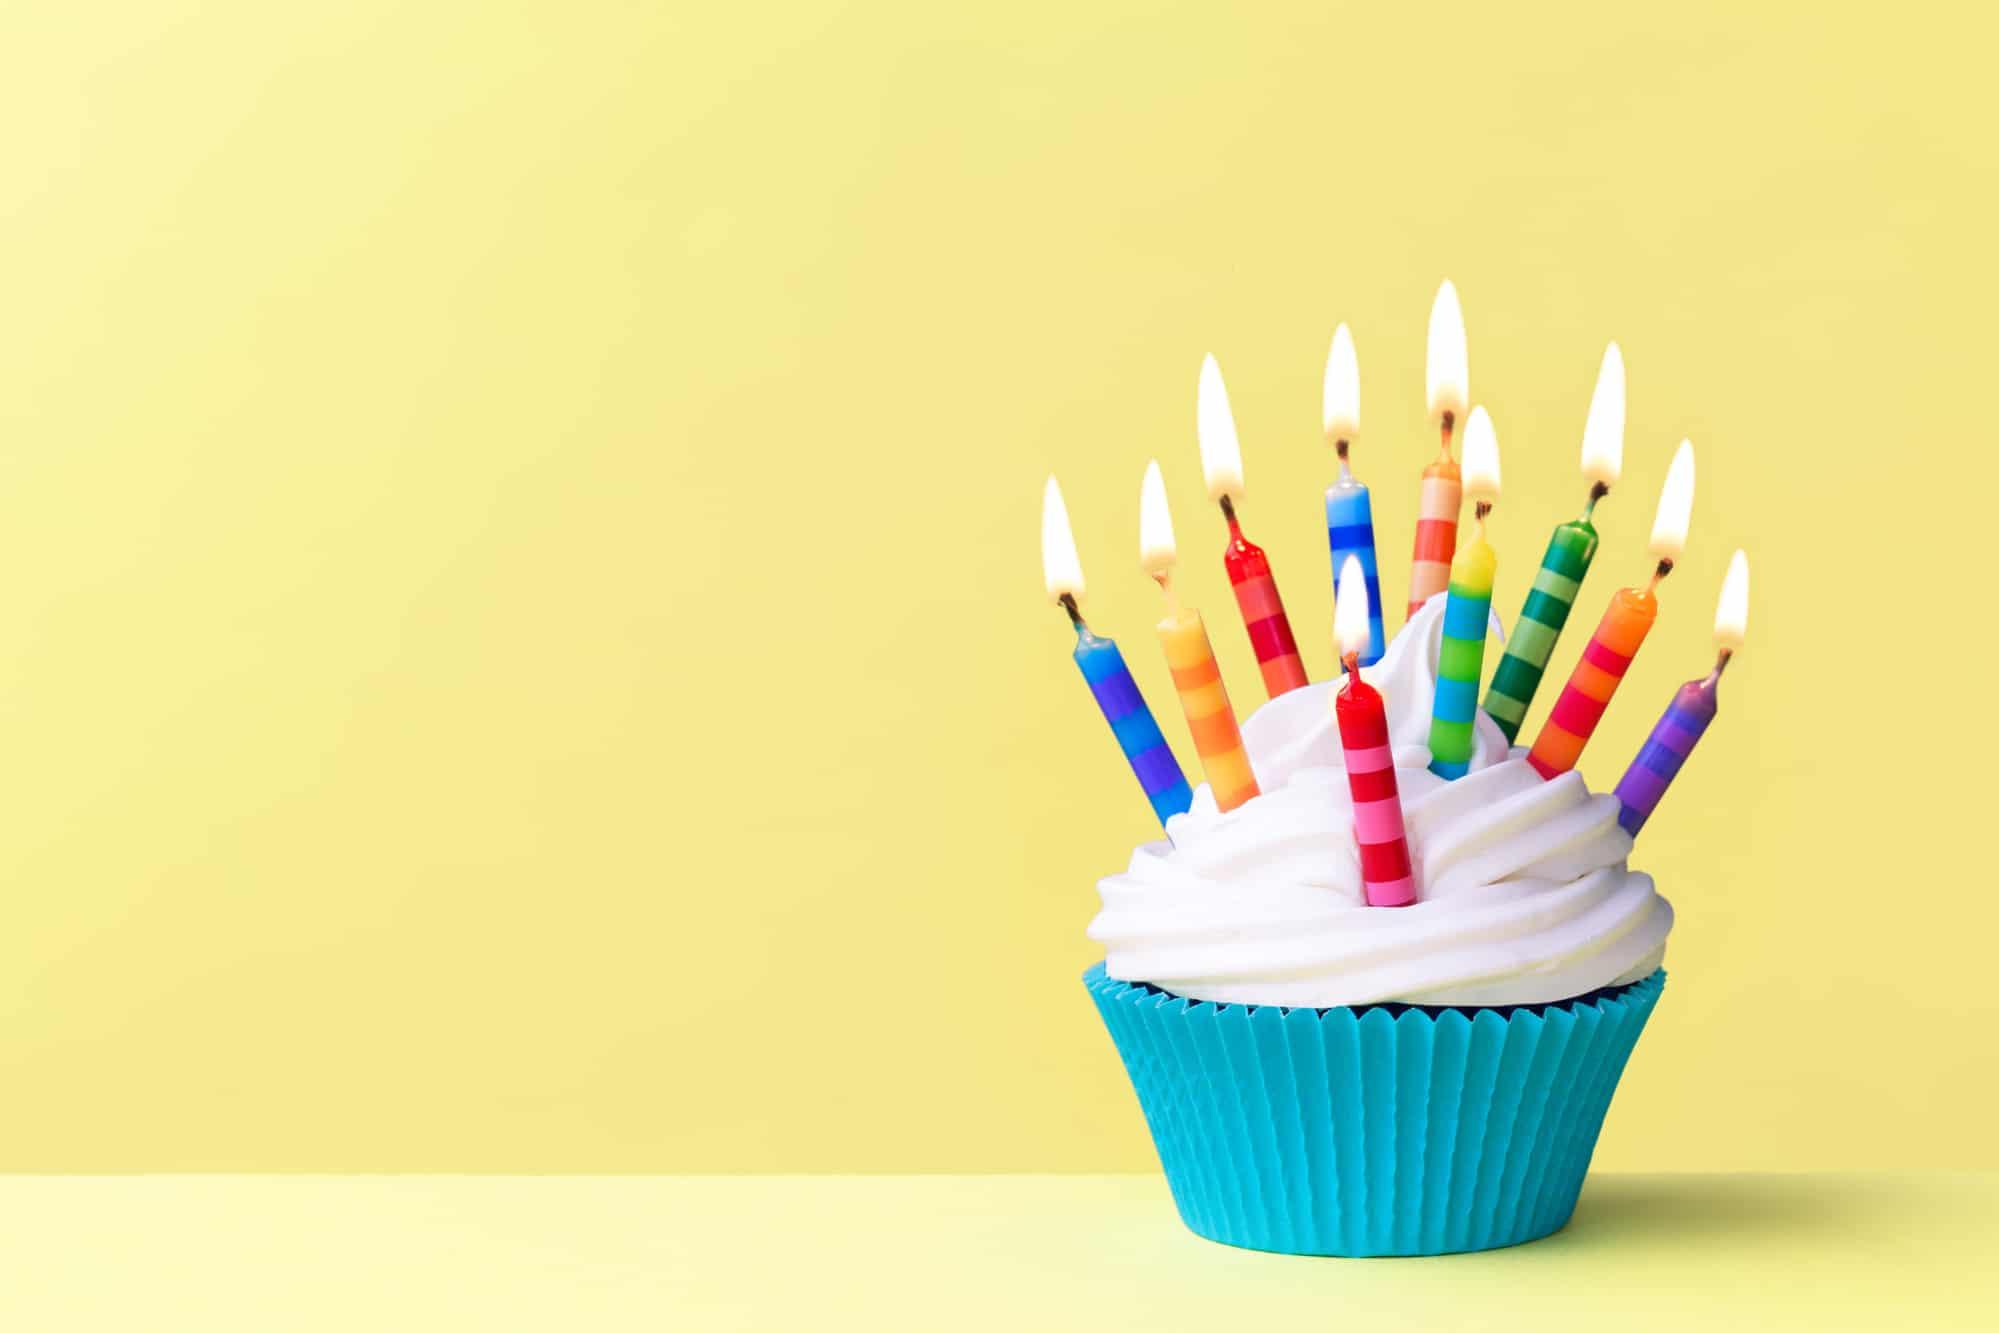 Geburtstagswünsche: 5 Tipps + 45 Beispiele Für Glückwünsche bestimmt für Geburtstagsmotive